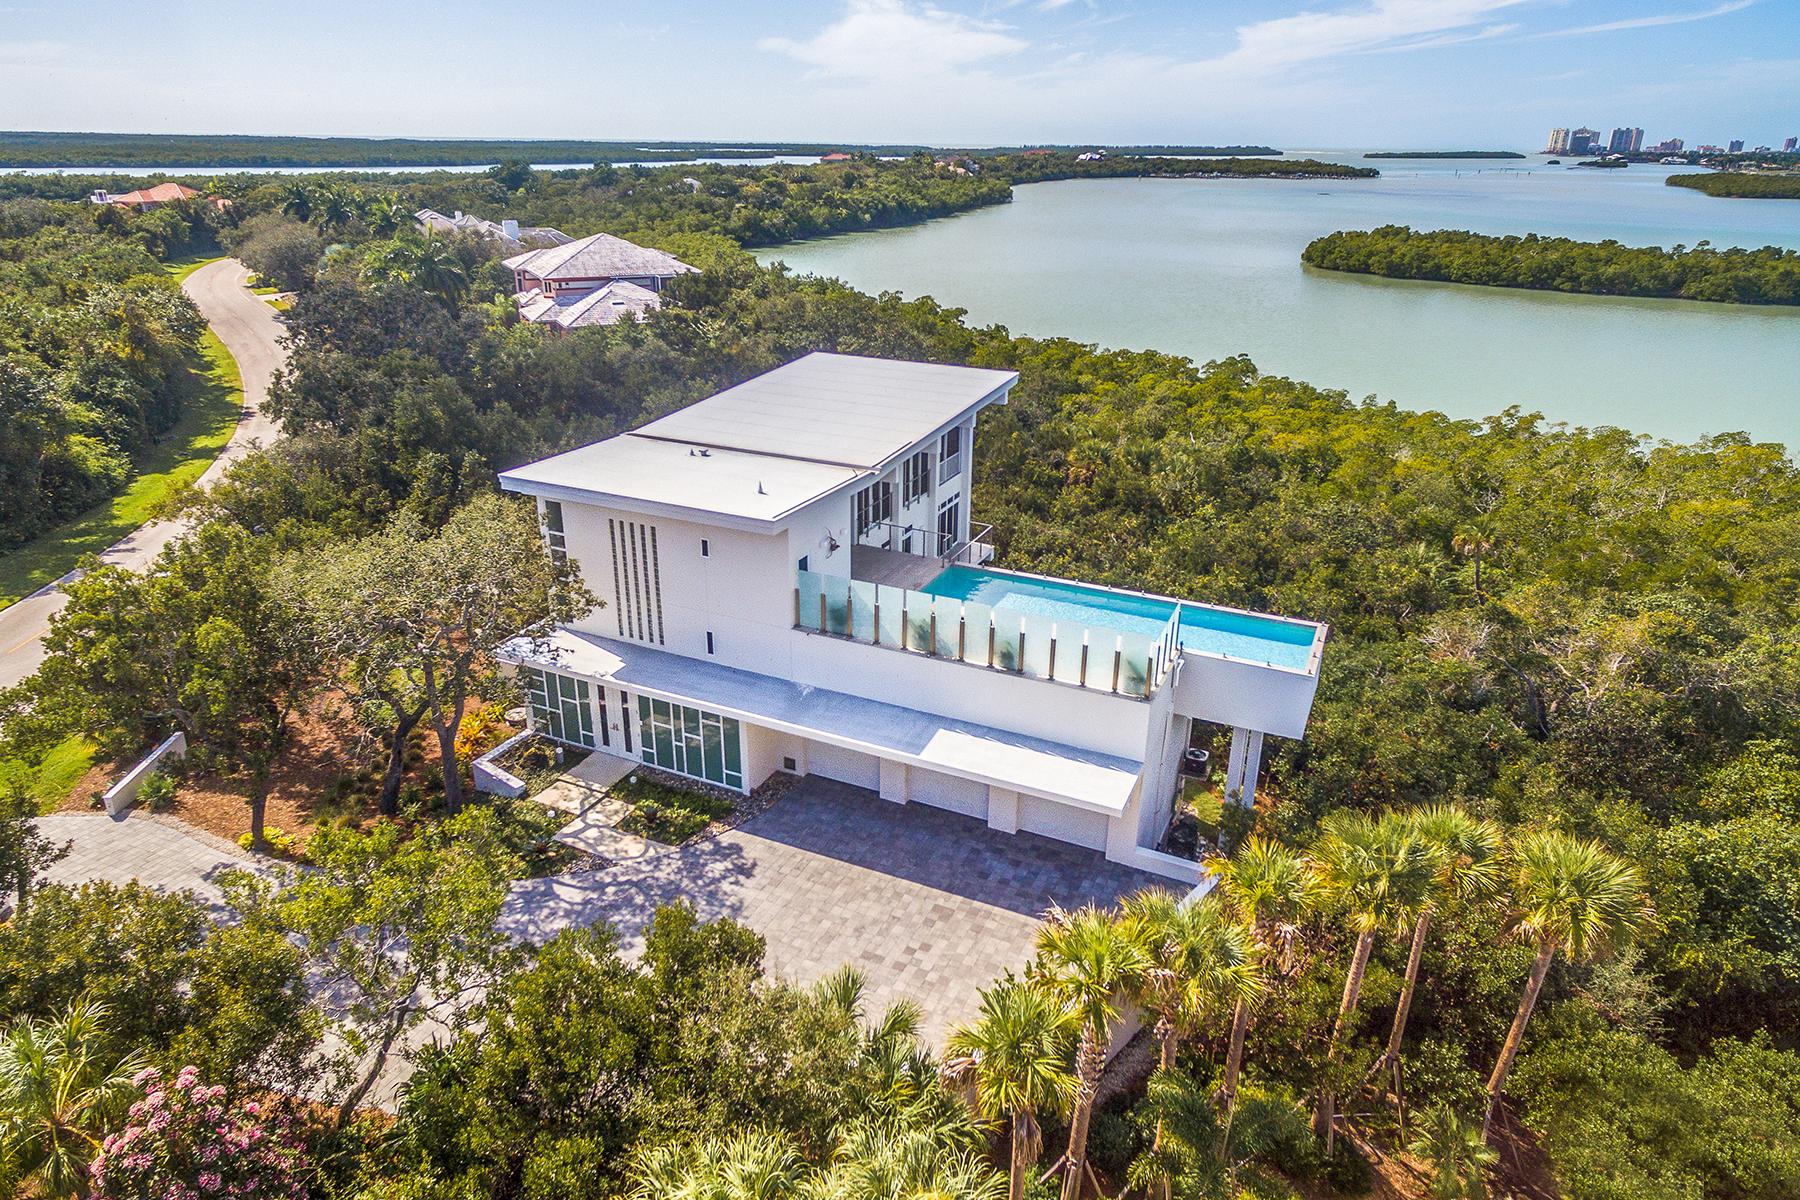 Tek Ailelik Ev için Satış at KEY MARCO 1143 Blue Hill Creek Dr Marco Island, Florida, 34145 Amerika Birleşik Devletleri